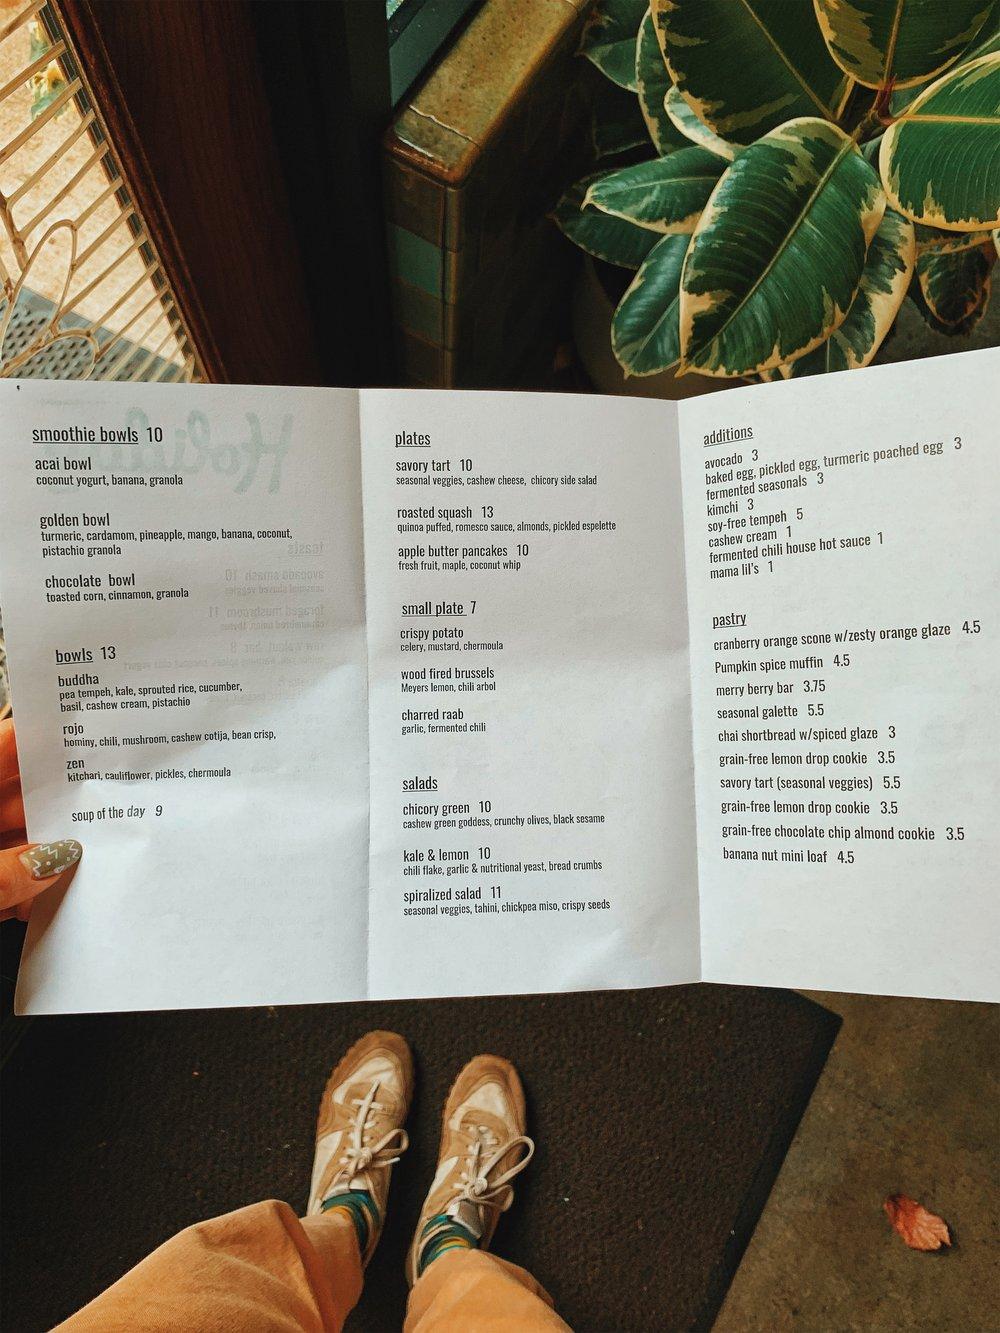 The menu at Holiday